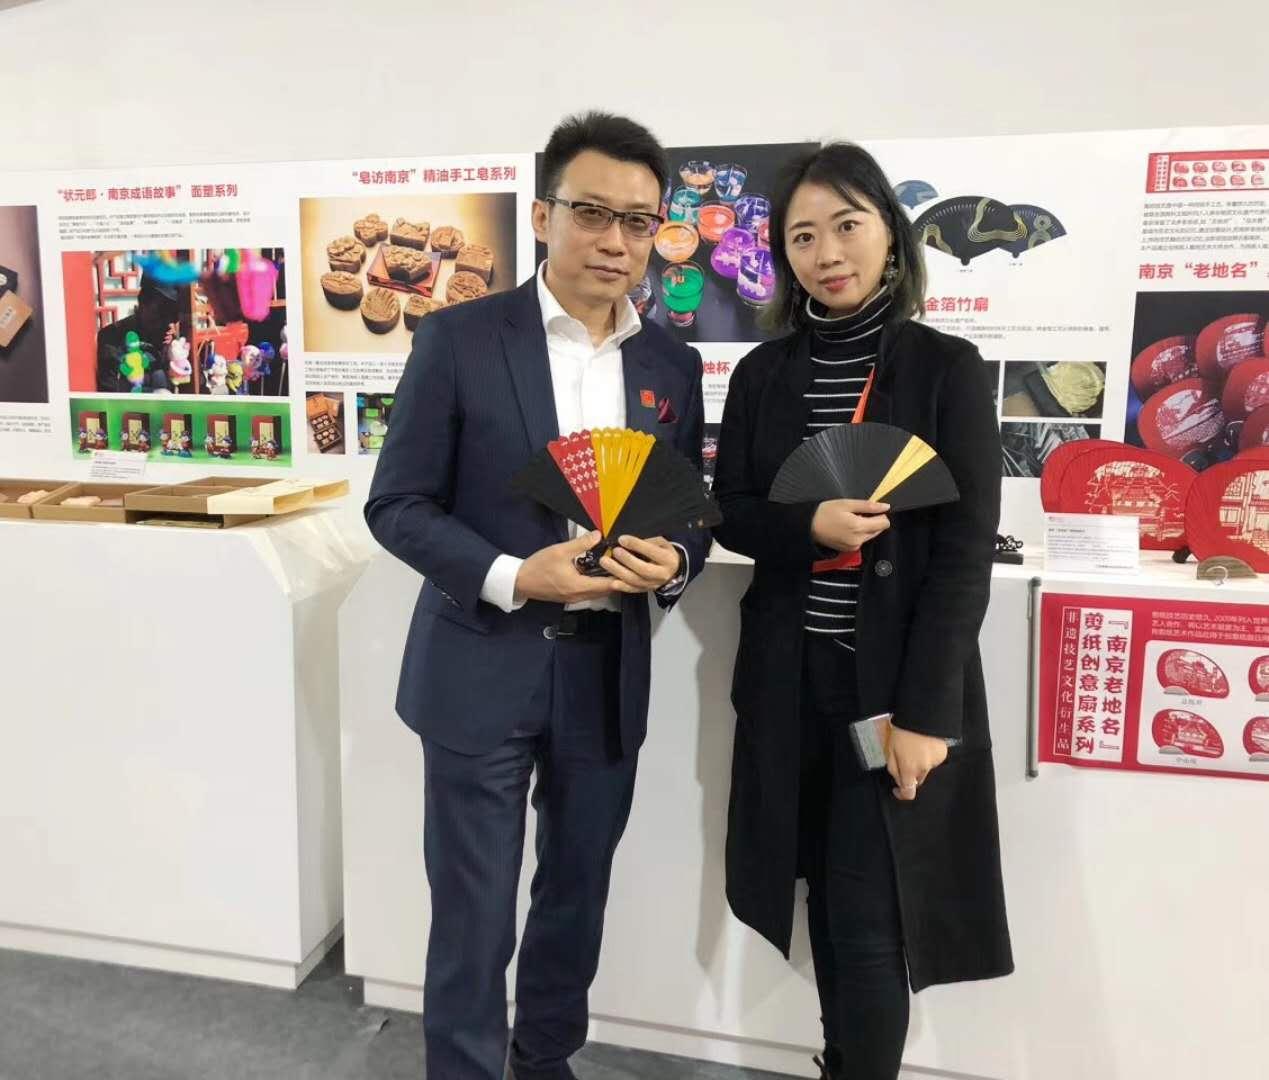 设计扶贫、非遗创新——瀚港文创产品第二届中国工业设计展受关注